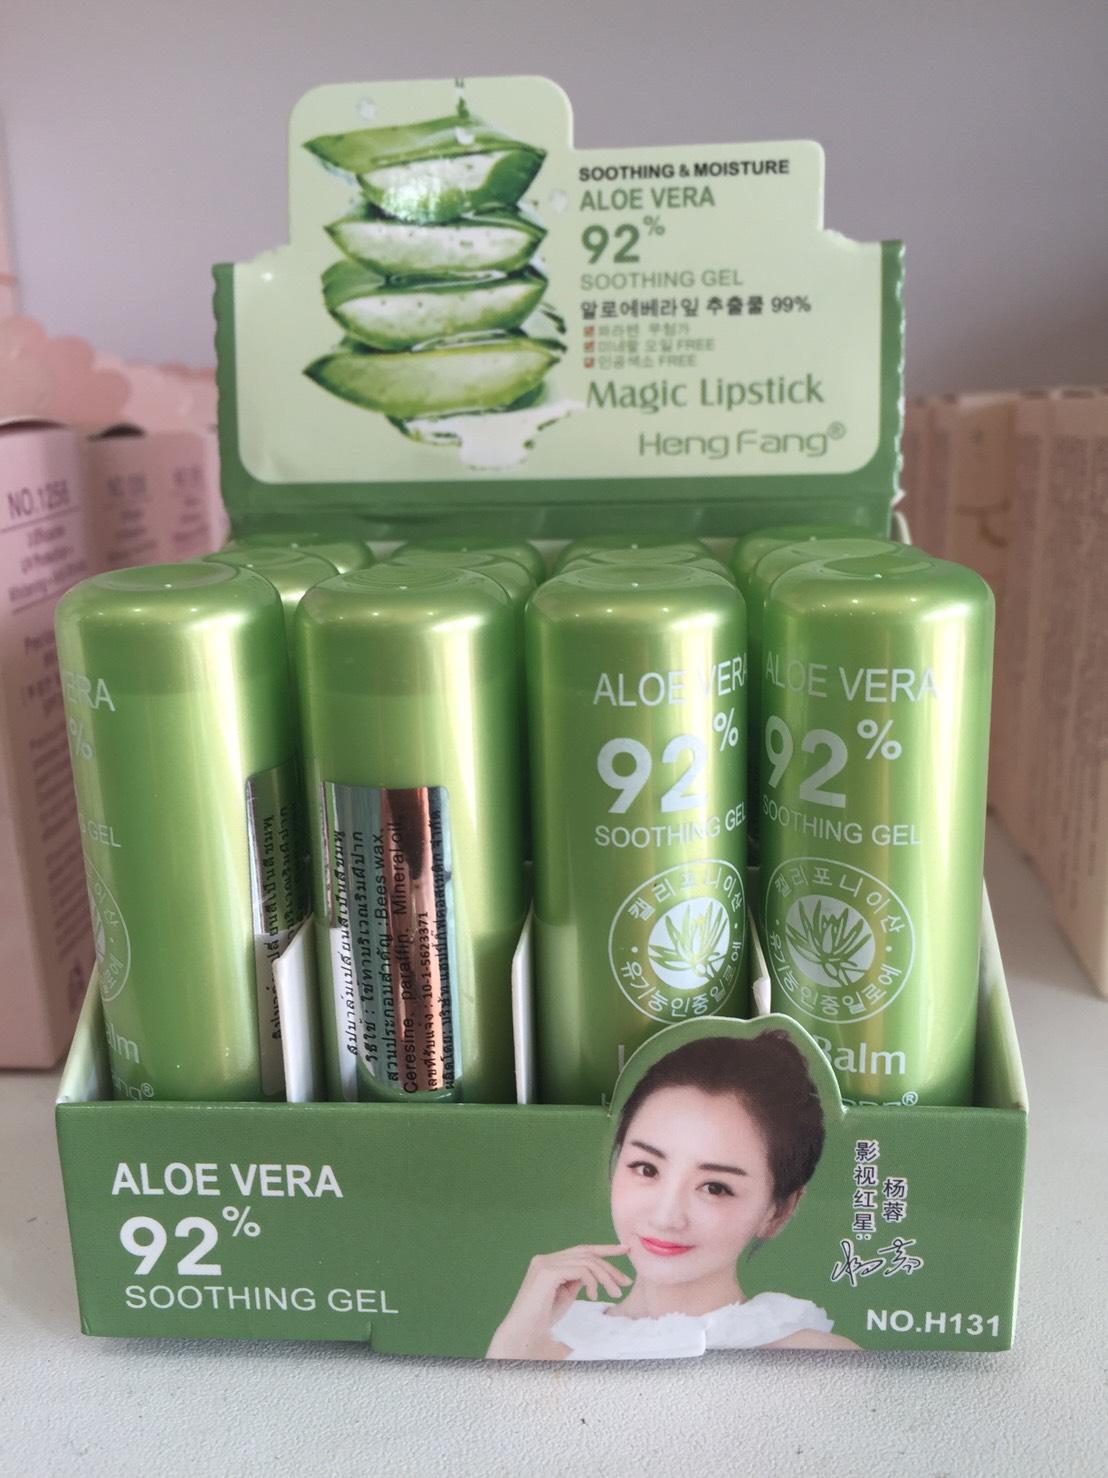 ลิปว่านหางจรเข้ 92% Hengfang Aloe vera 92% Soothing gel